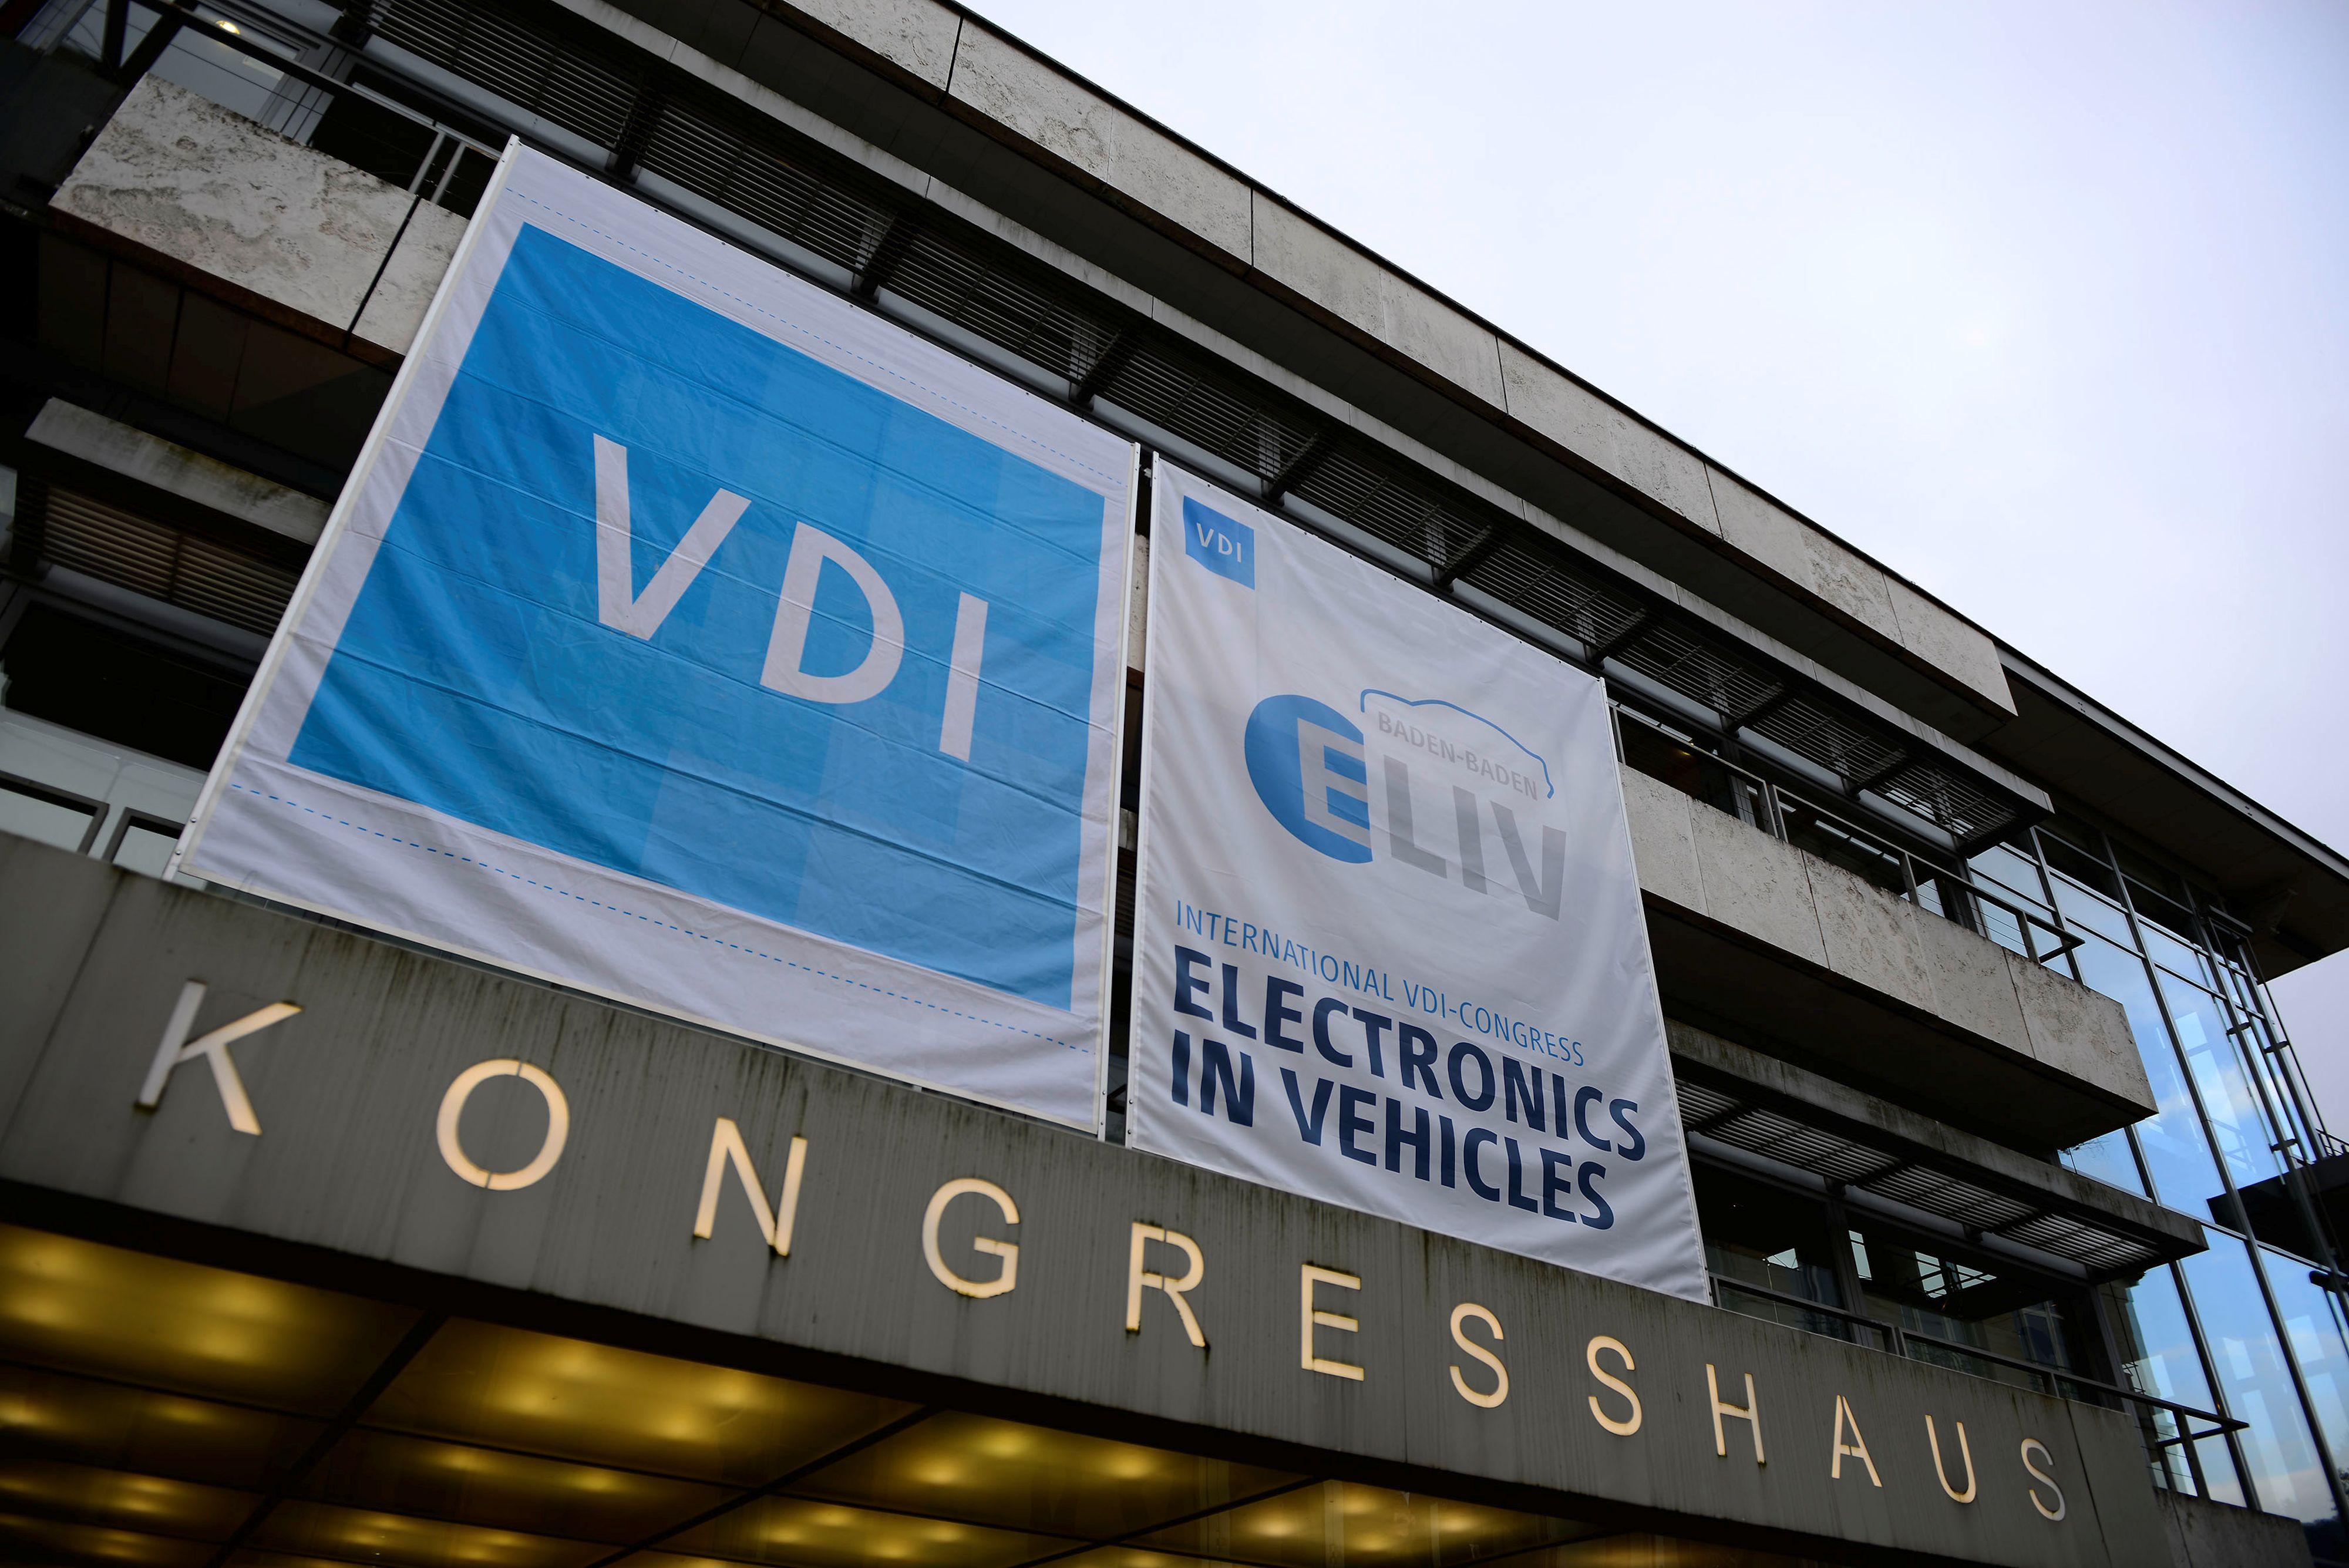 ELIV Quelle VDI Wissensforum GmbH 300 dpi JPG